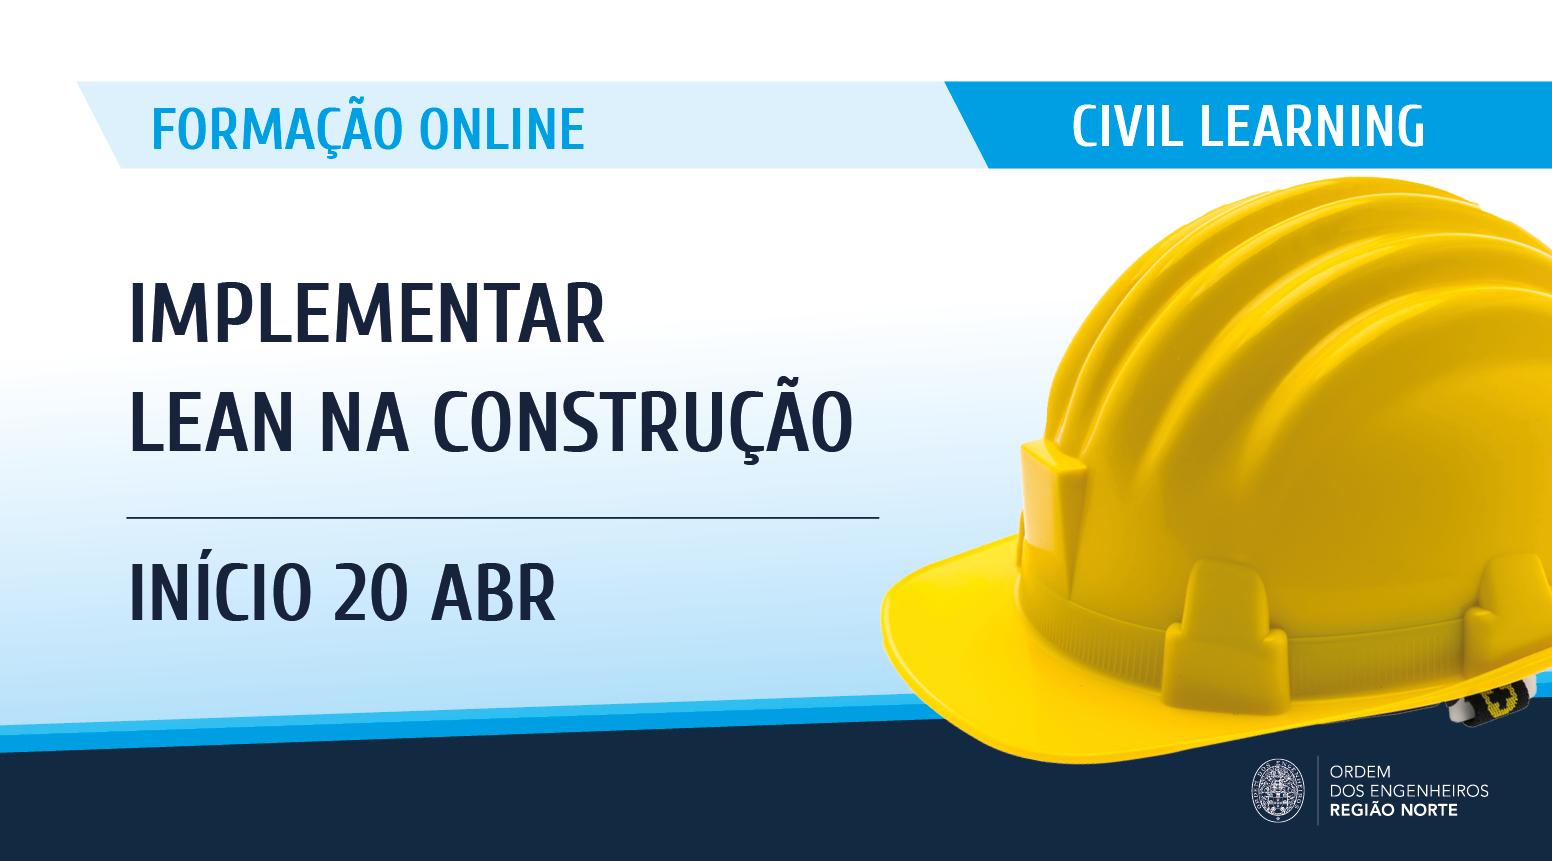 Plataforma Notícias Ordem Engenheiros Região Norte - Formação] Implementar Lean na Construção